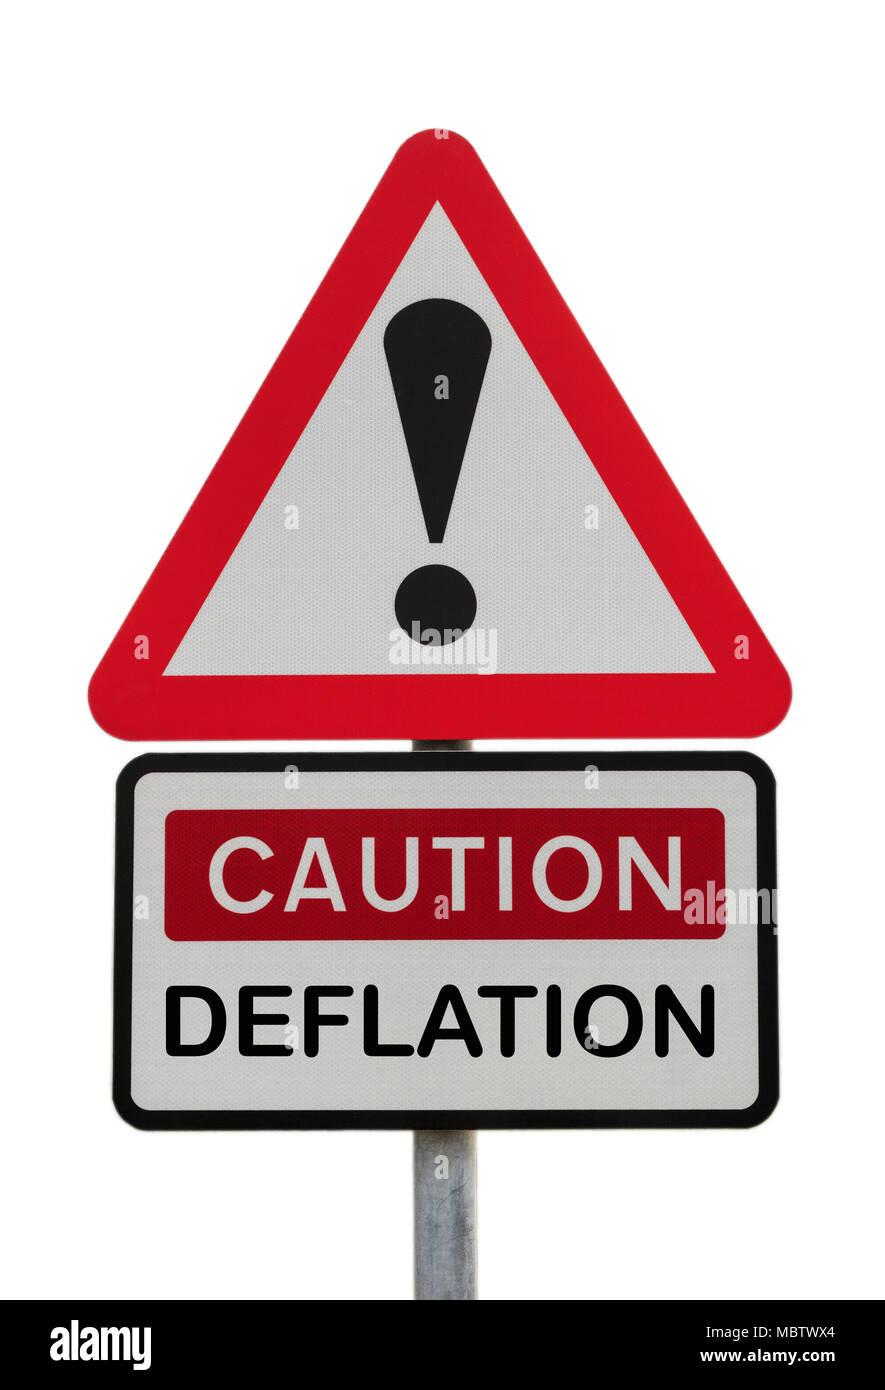 Signo triangular advertencia precaución la deflación con un signo de exclamación para ilustrar el concepto futuro financiero. Reino Unido, Gran Bretaña, Europa Imagen De Stock